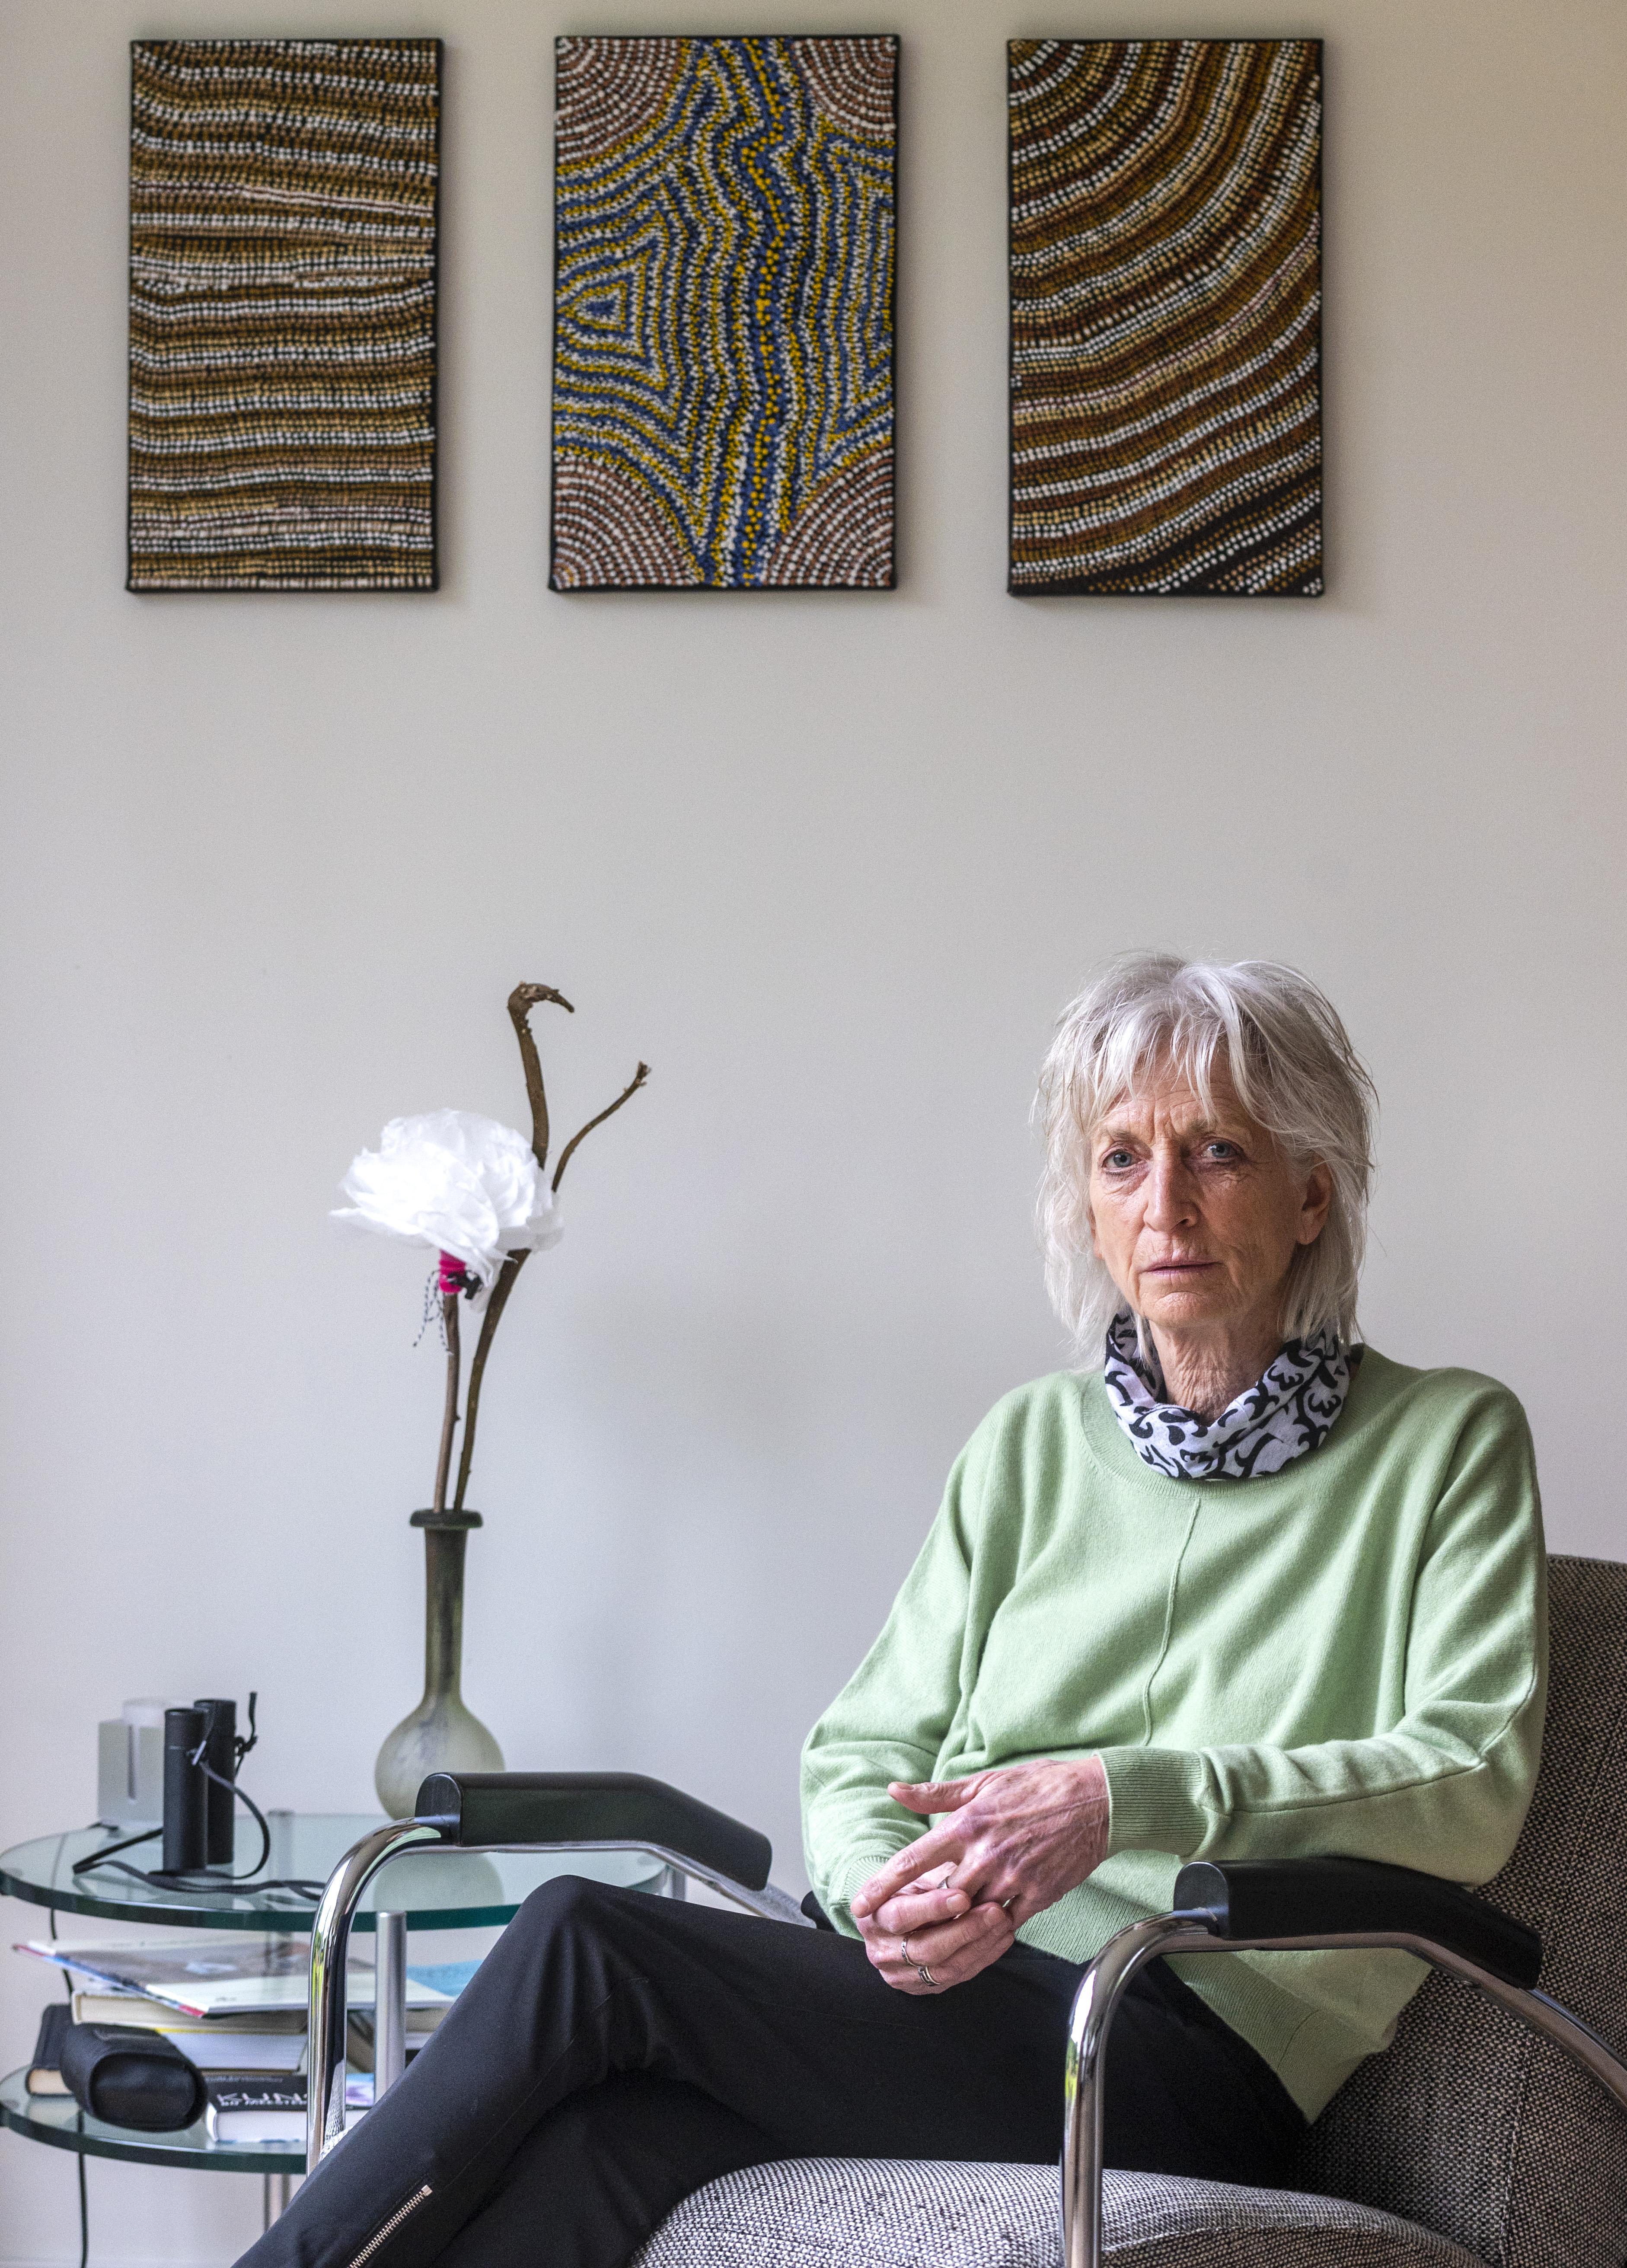 Marij van der Meij (69) uit Santpoort-Zuid debuteert met roman over het verlangen om erbij te horen: 'Ik ben zelf in mijn jeugd lang niet gezien. Dan krijg je te maken met hechtingsproblemen'